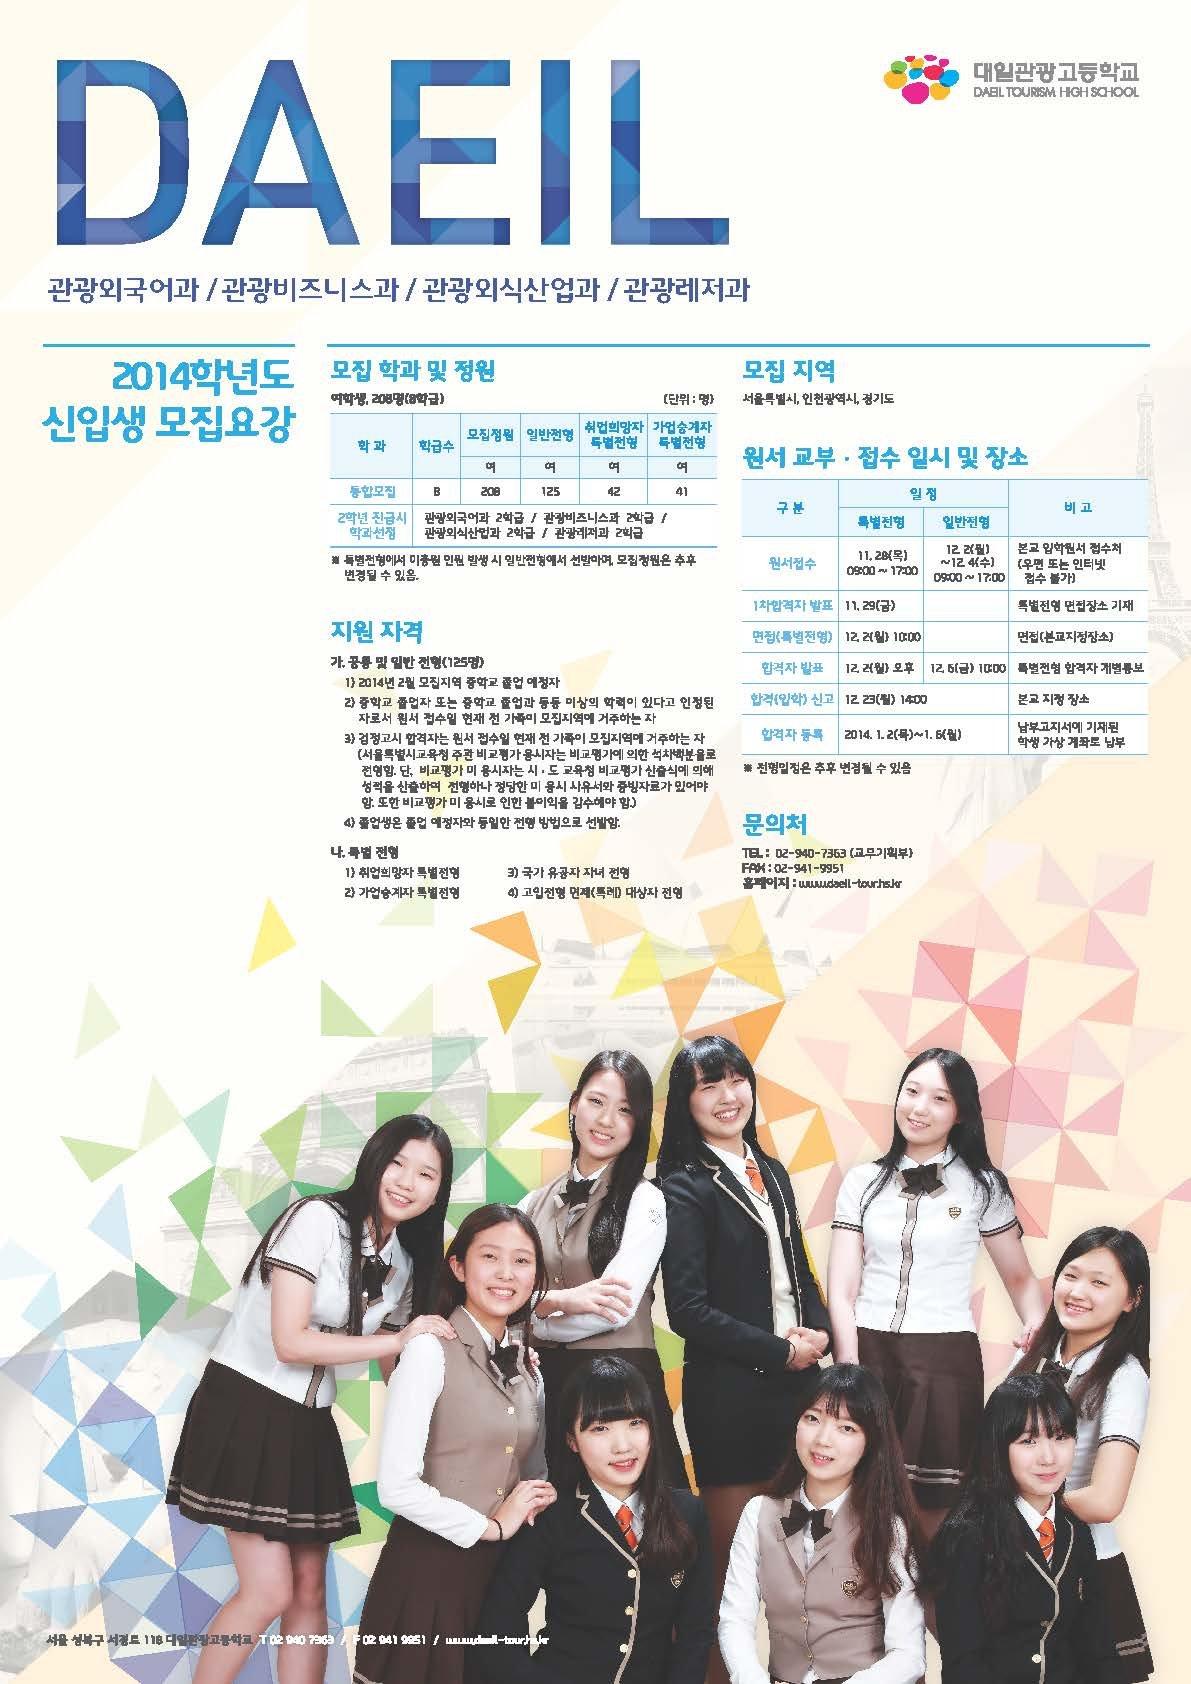 2014_07_17_대일관광고 2013 홍보 포스터!.jpg